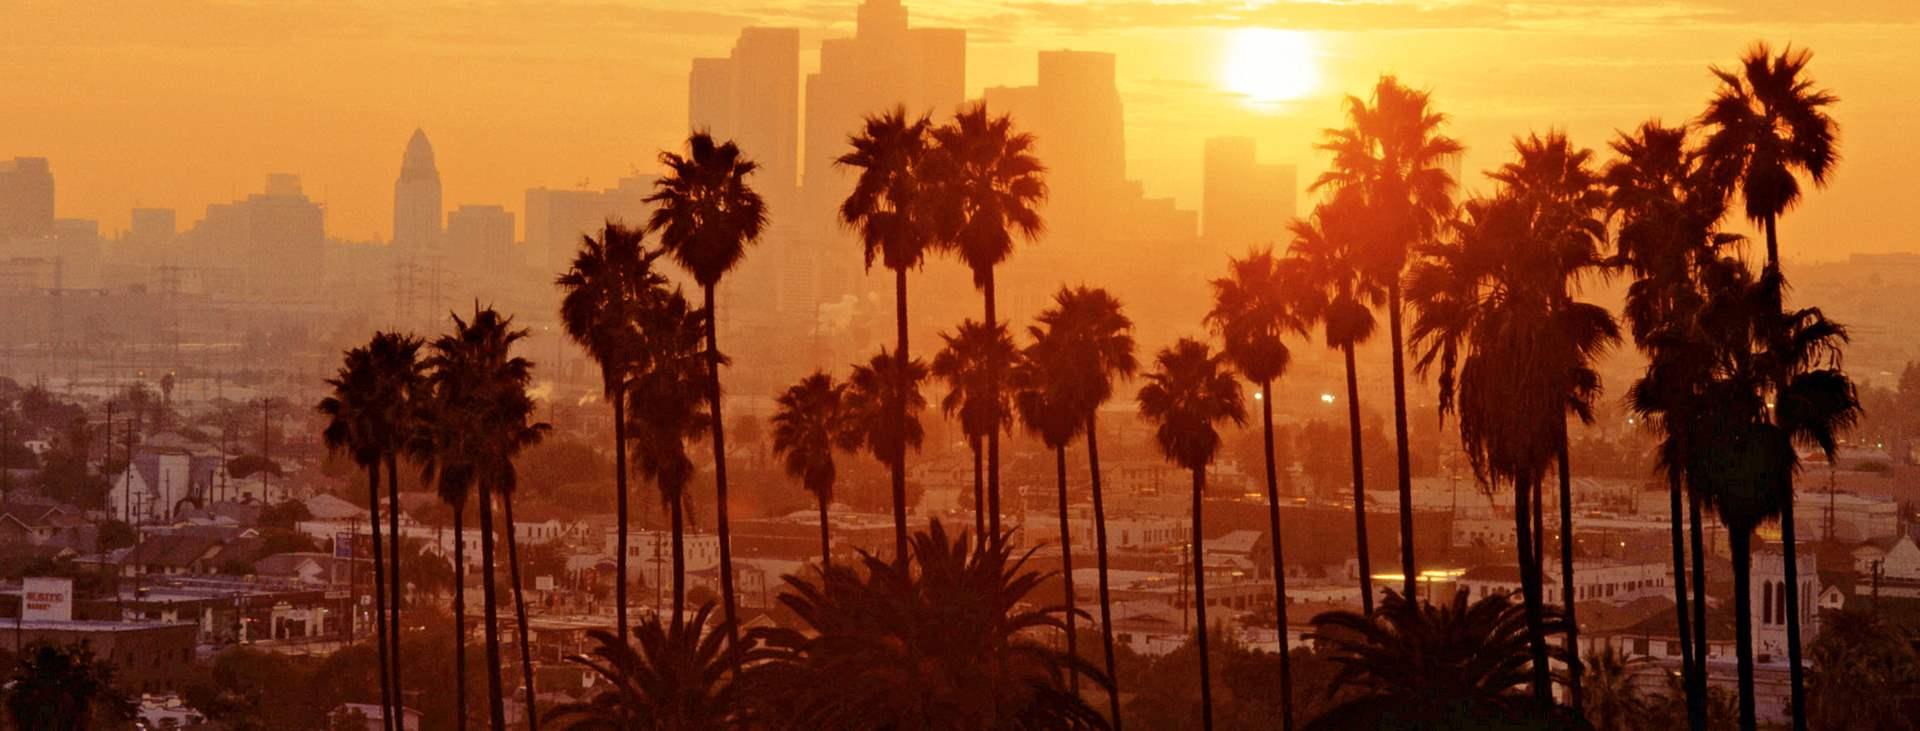 Lähde Los Angesiin, USA:han